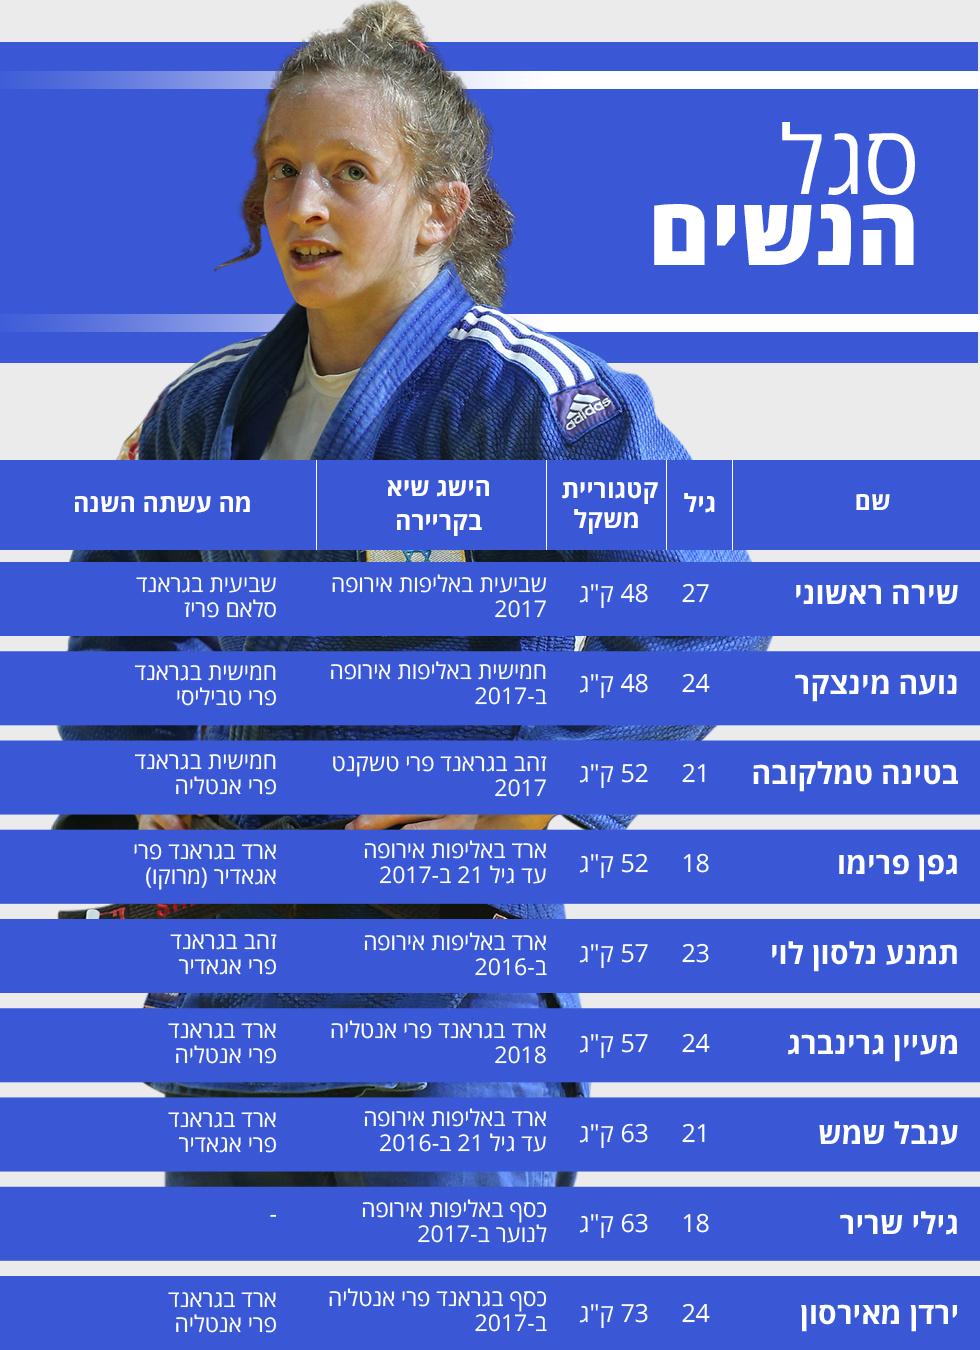 ג'ודו סגל נשים אליפות אירופה ()